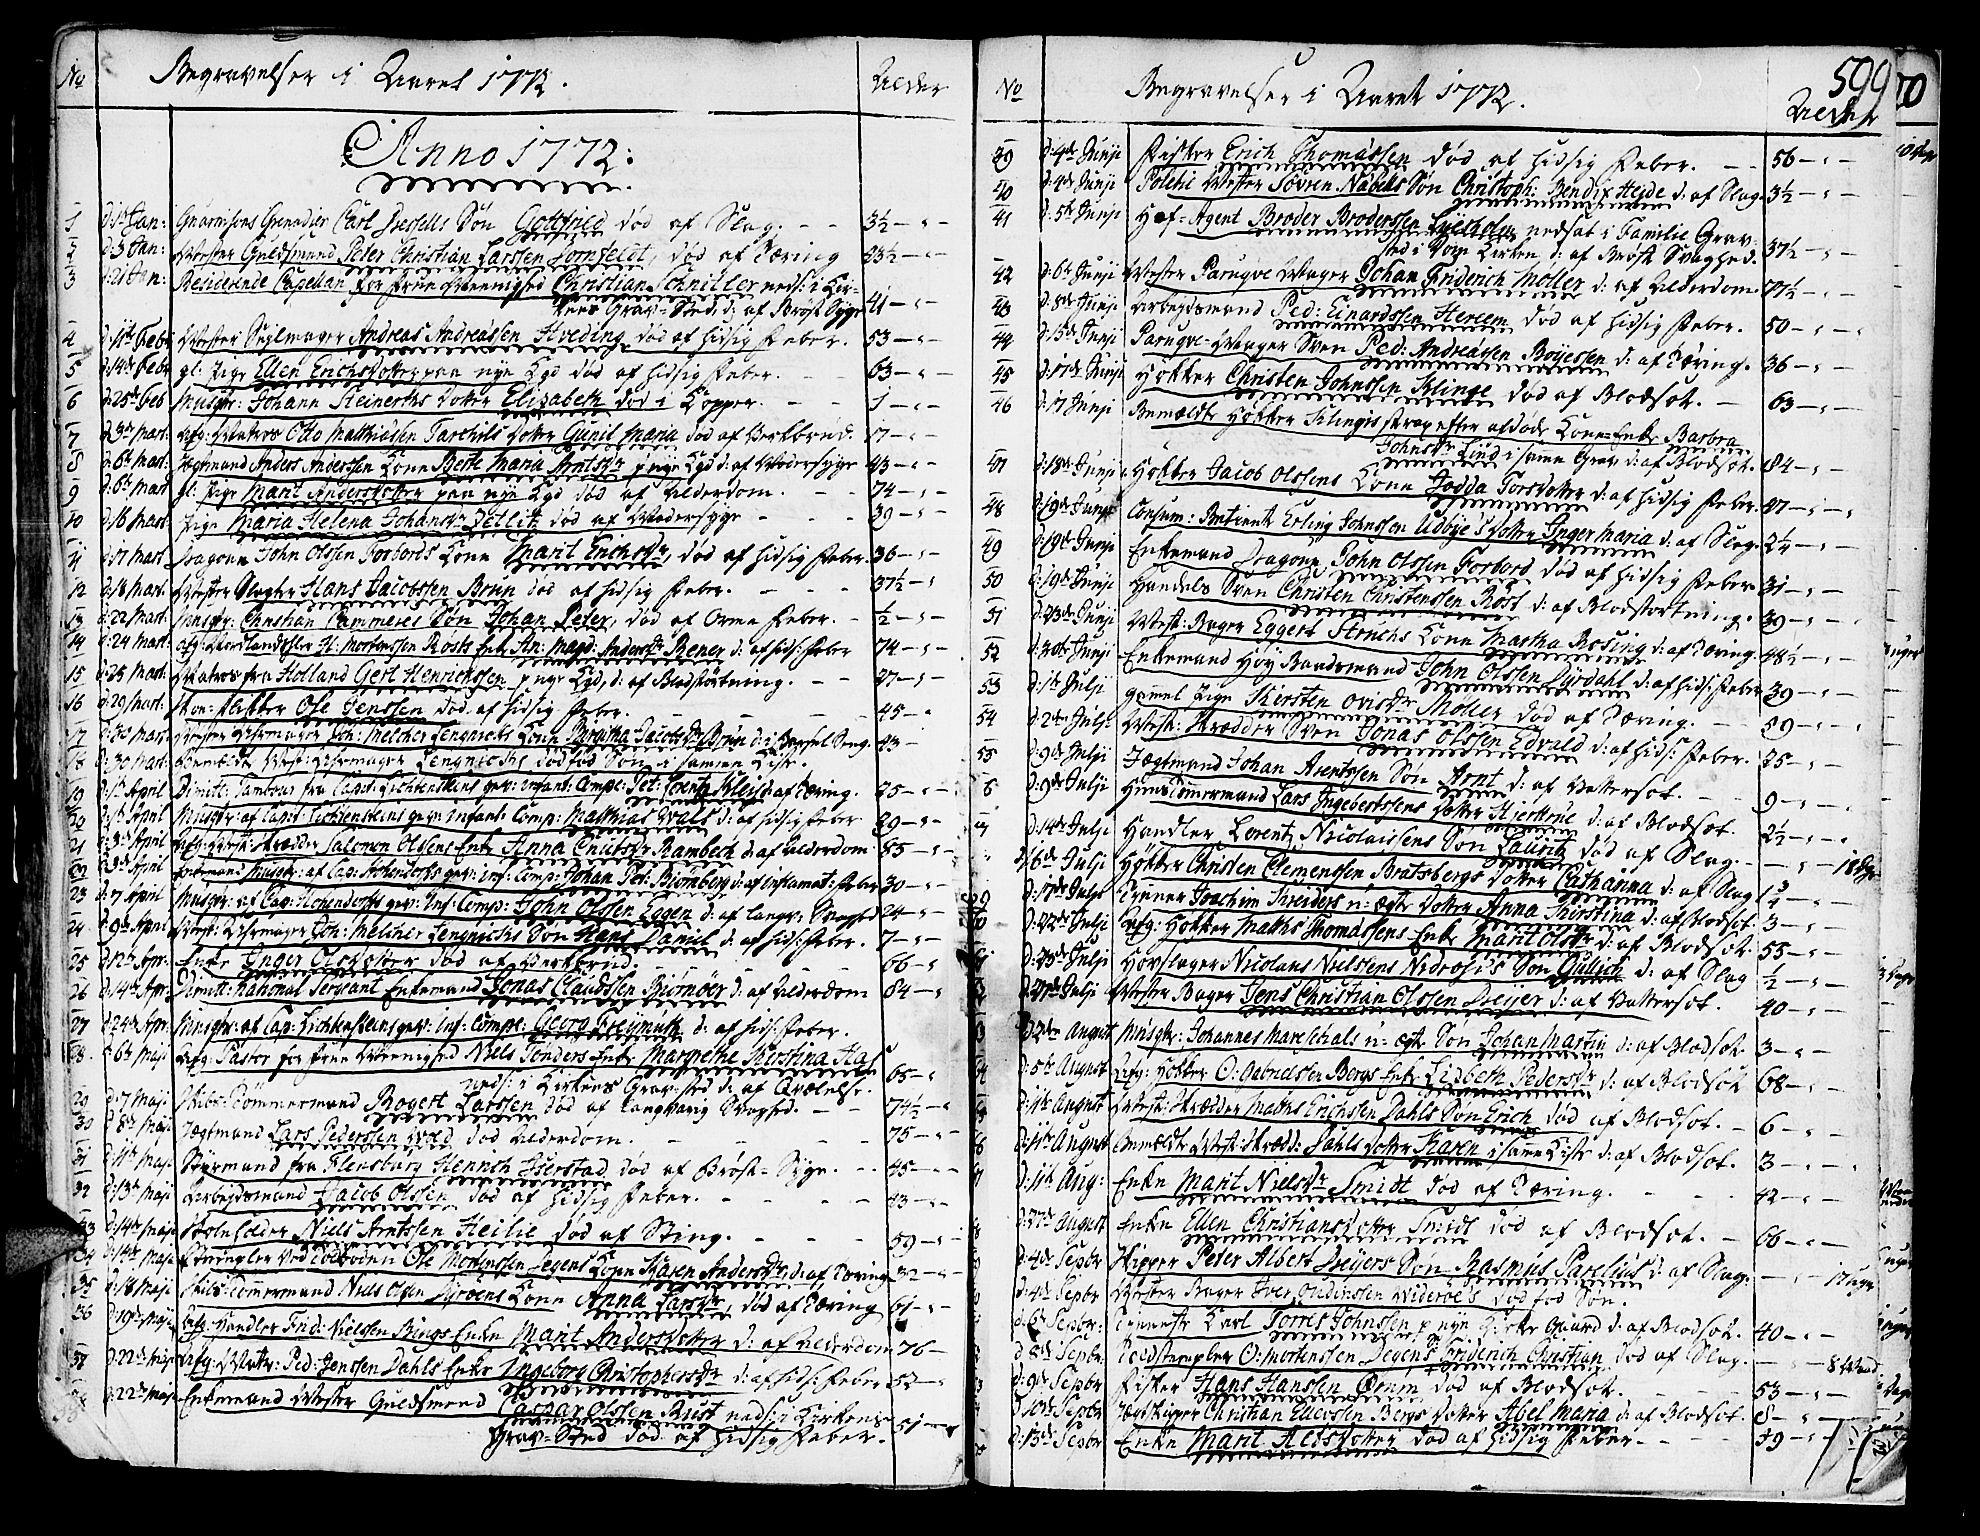 SAT, Ministerialprotokoller, klokkerbøker og fødselsregistre - Sør-Trøndelag, 602/L0103: Ministerialbok nr. 602A01, 1732-1774, s. 599